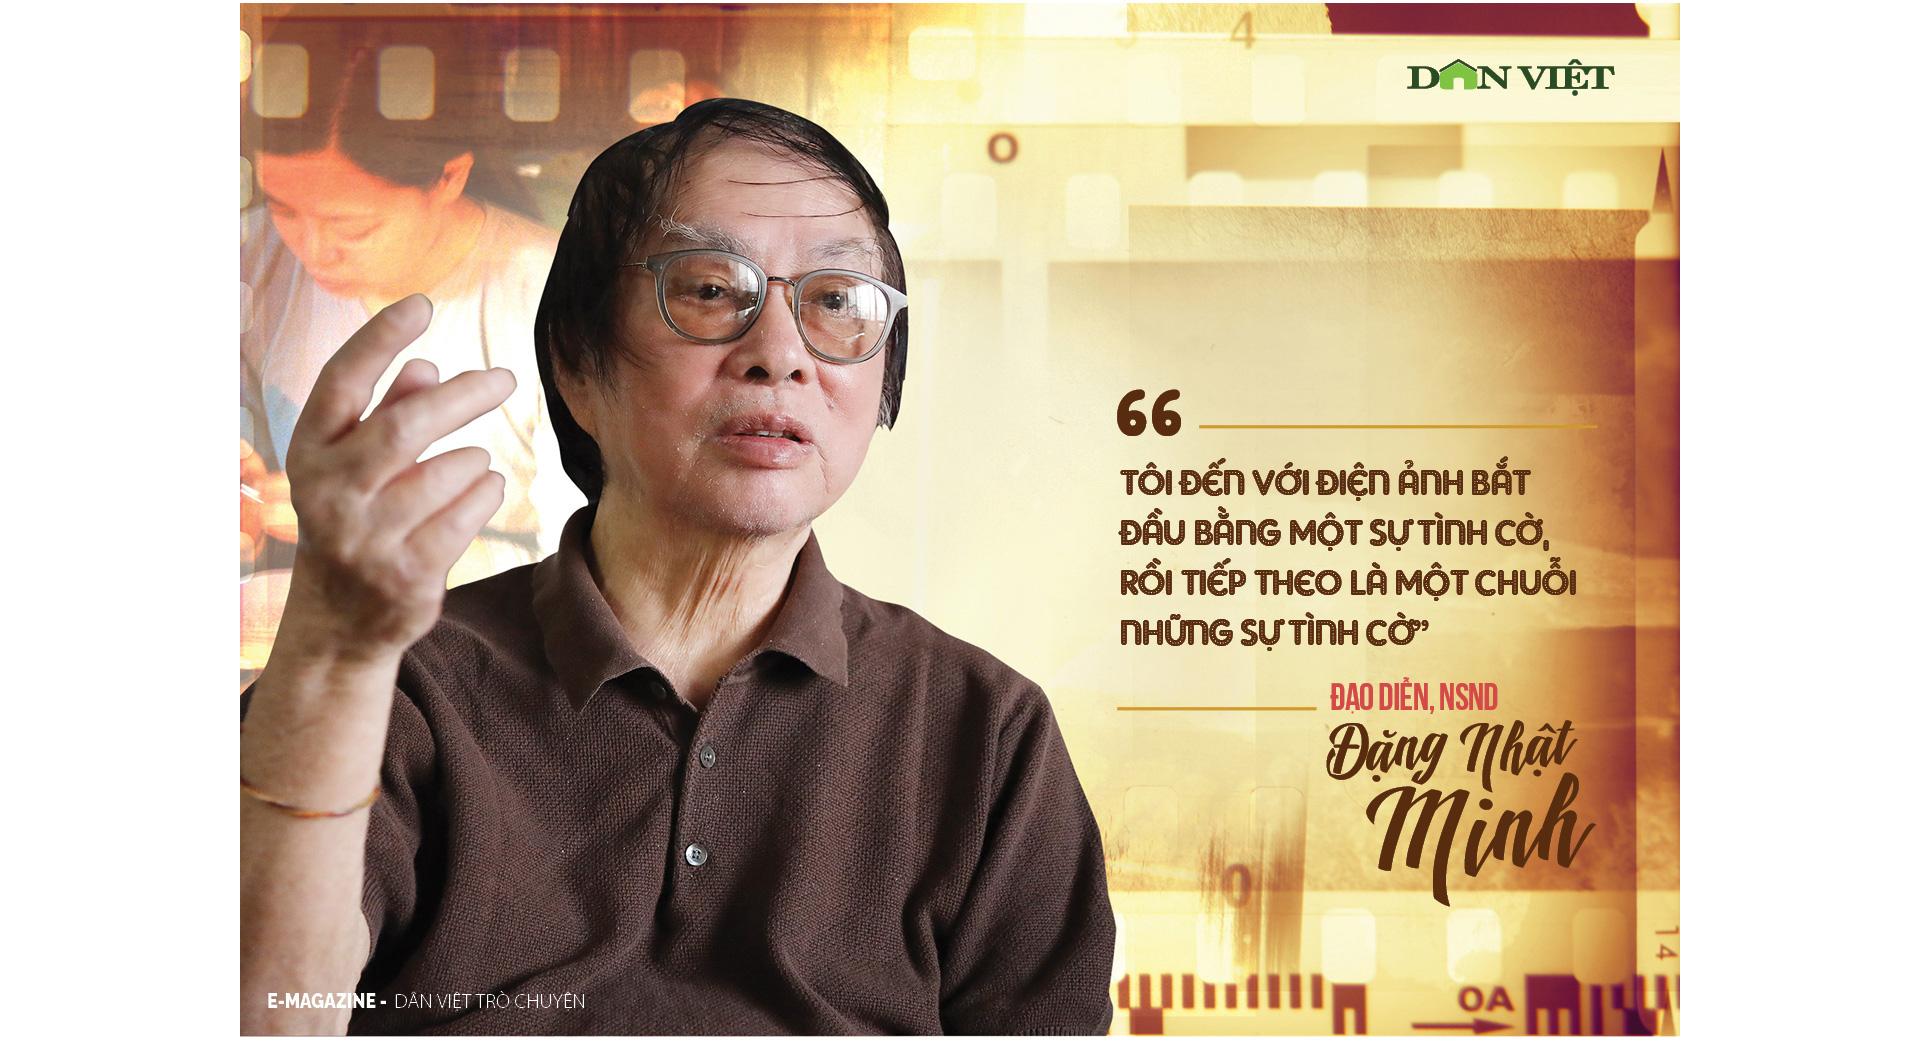 Đạo diễn NSND Đặng Nhật Minh – Nghề đạo diễn là cả một thế giới quan  - Ảnh 6.